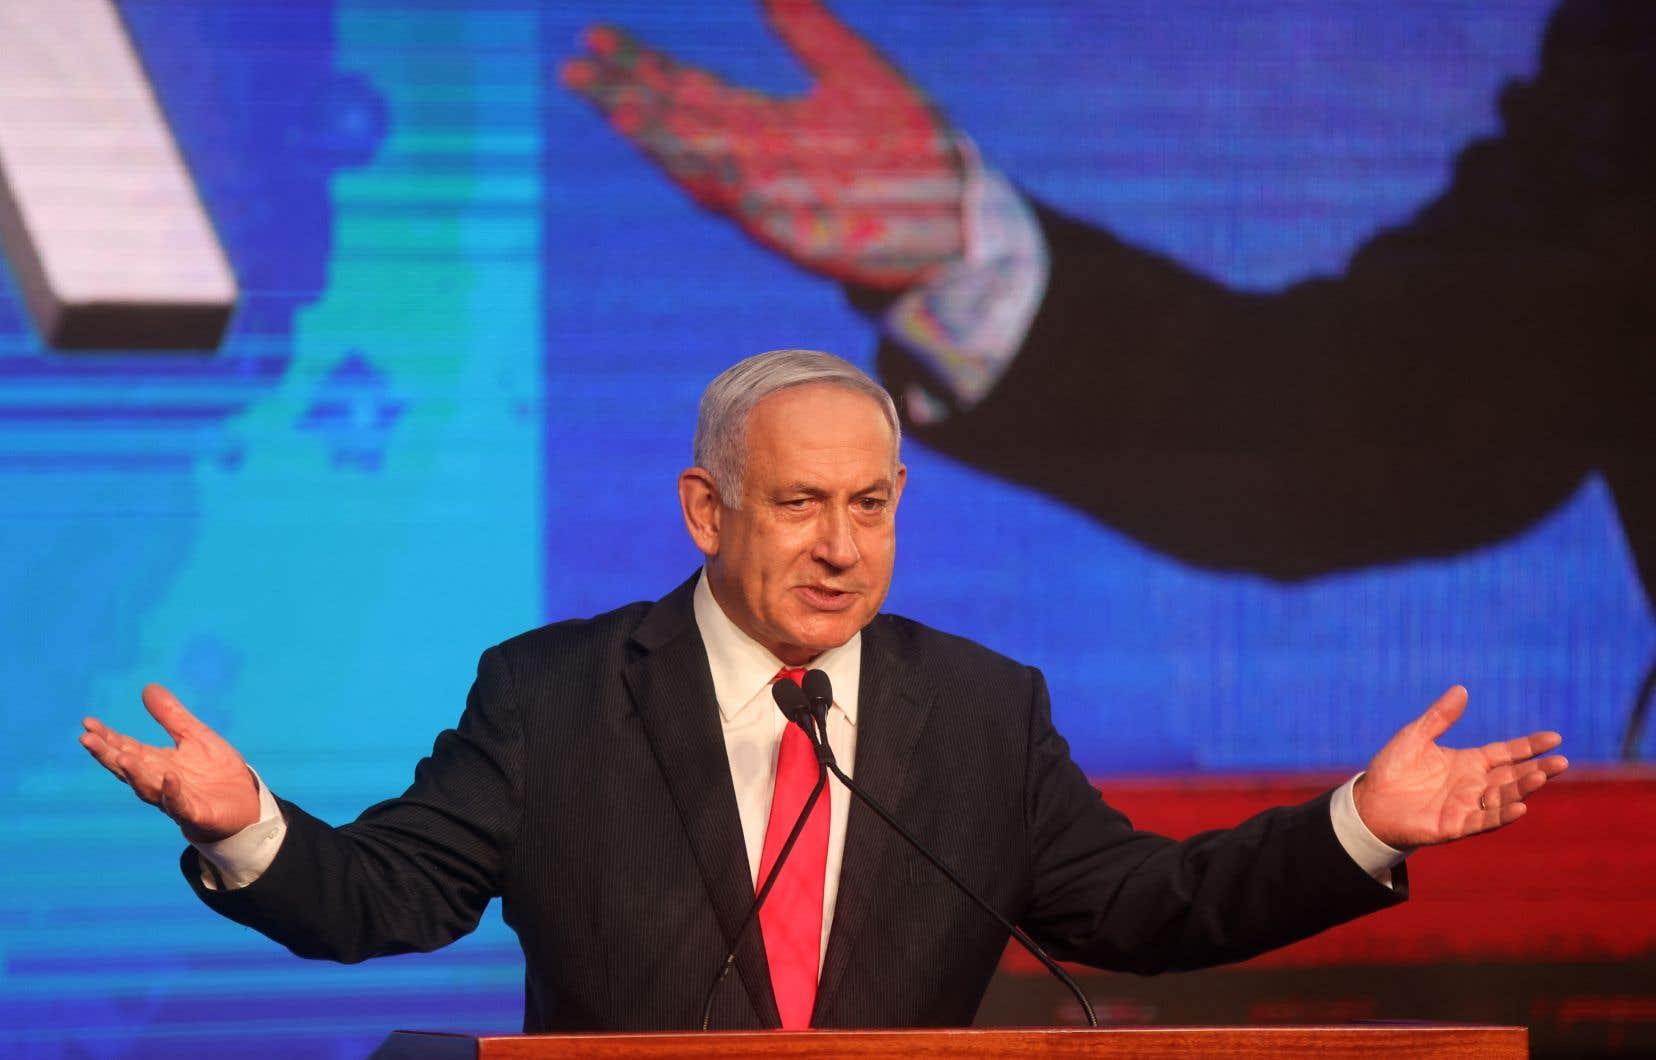 Le premier ministre d'Israël, Benjamin Nétanyahou, doit convaincre le ténor de la droite radicale, Naftali Bennett, et Mansour Abbas, le chef du petit parti islamiste Raam, de se rallier à lui s'il veut maintenir sa place au pouvoir.